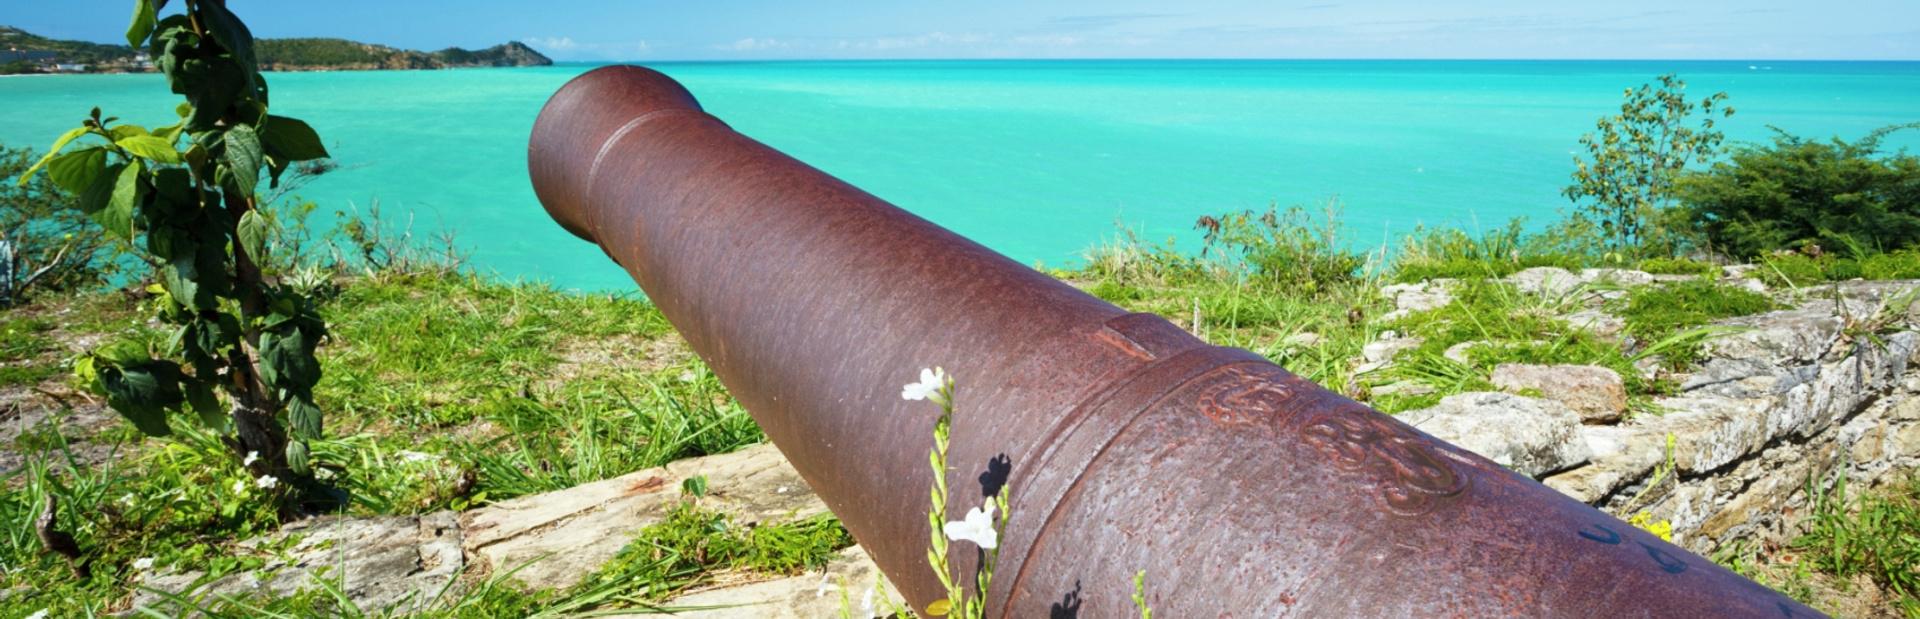 Leeward Islands news photo